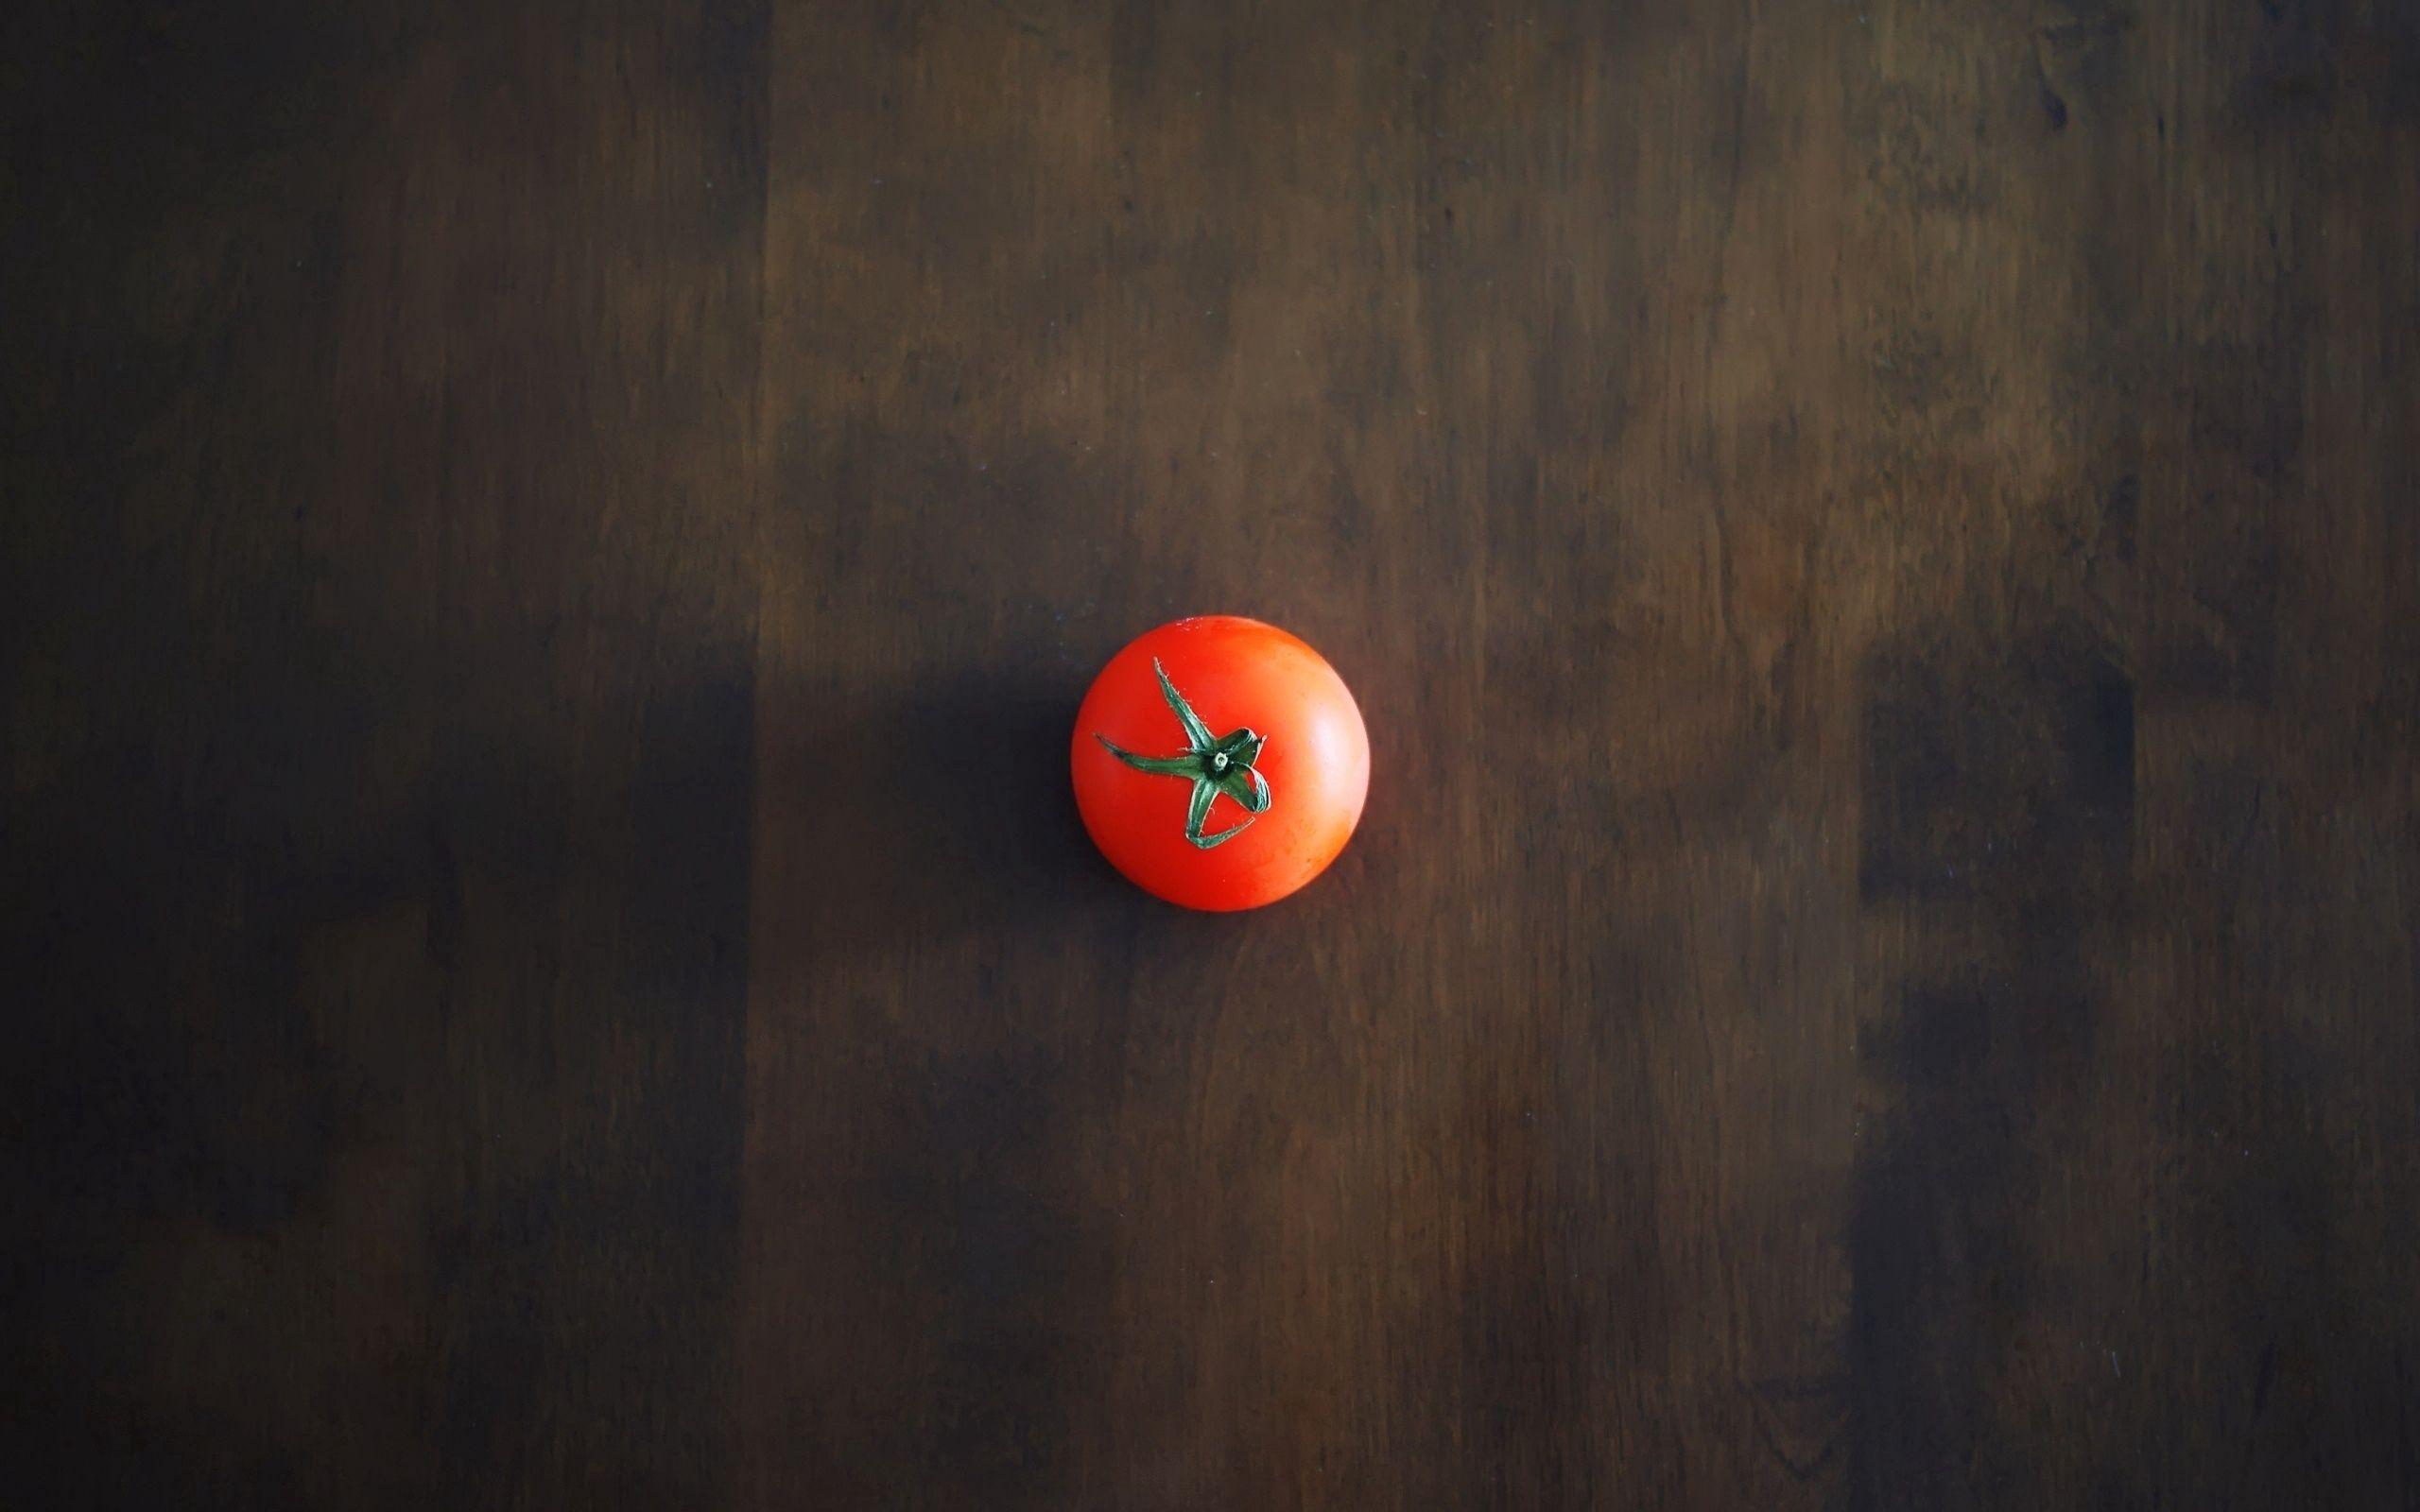 95692 papel de parede 480x800 em seu telefone gratuitamente, baixe imagens Fundo, Minimalismo, Sombra, Mesa, Papel De Parede, Tomate, Um Tomate 480x800 em seu celular